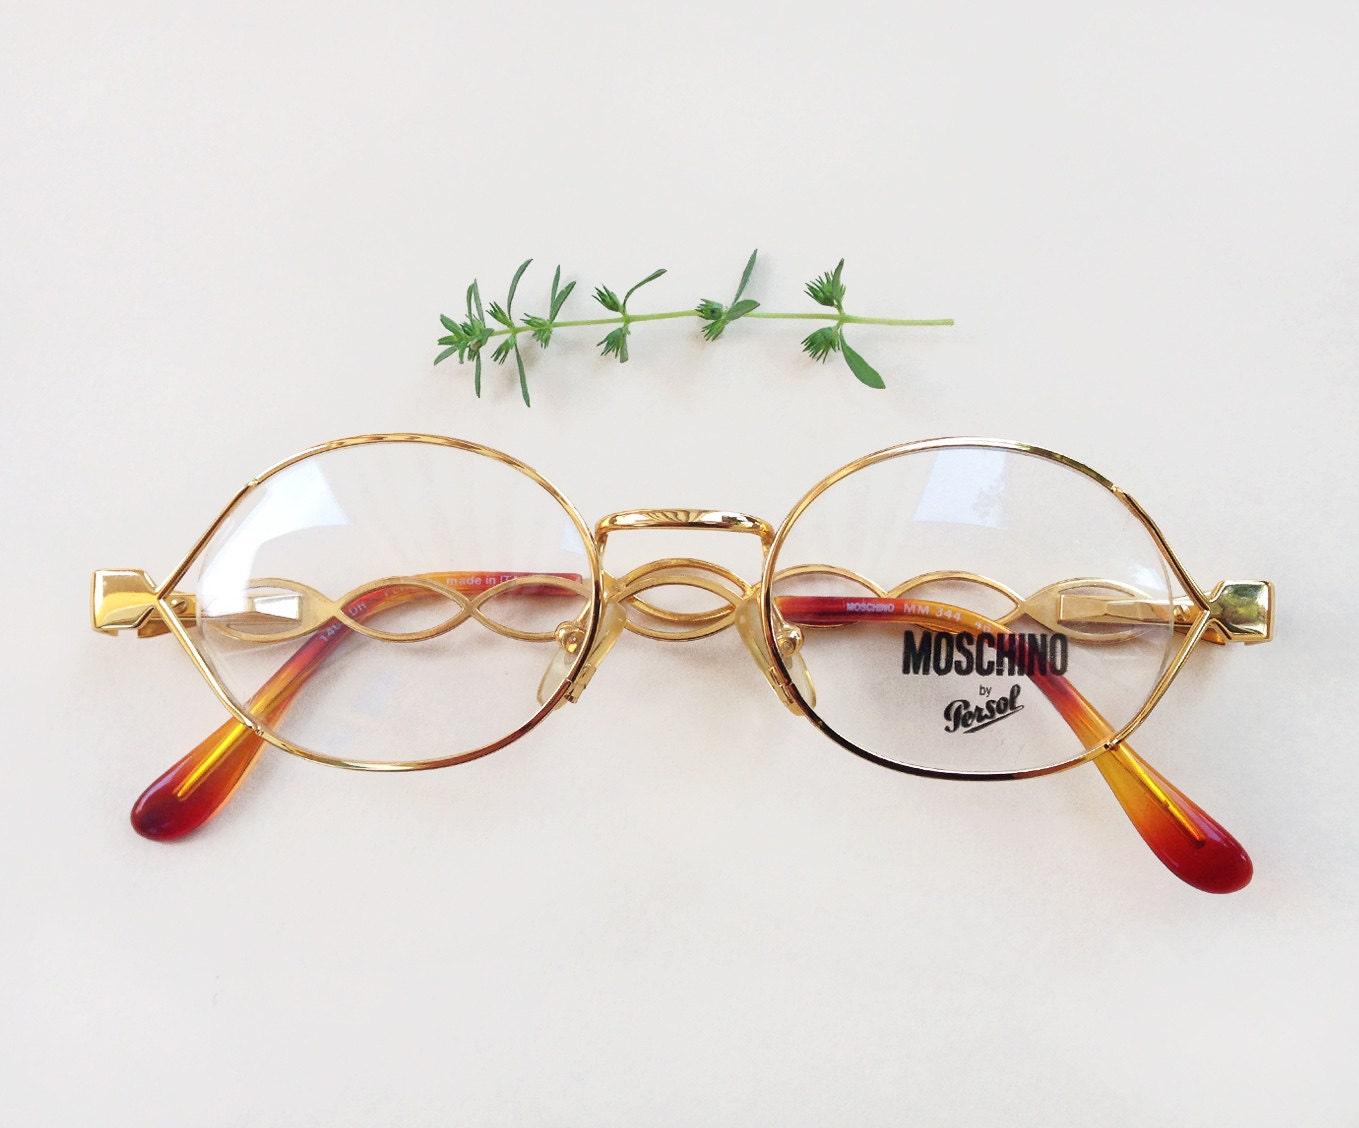 Moschino Persol Brillen / Nein-Maschinen und | Etsy